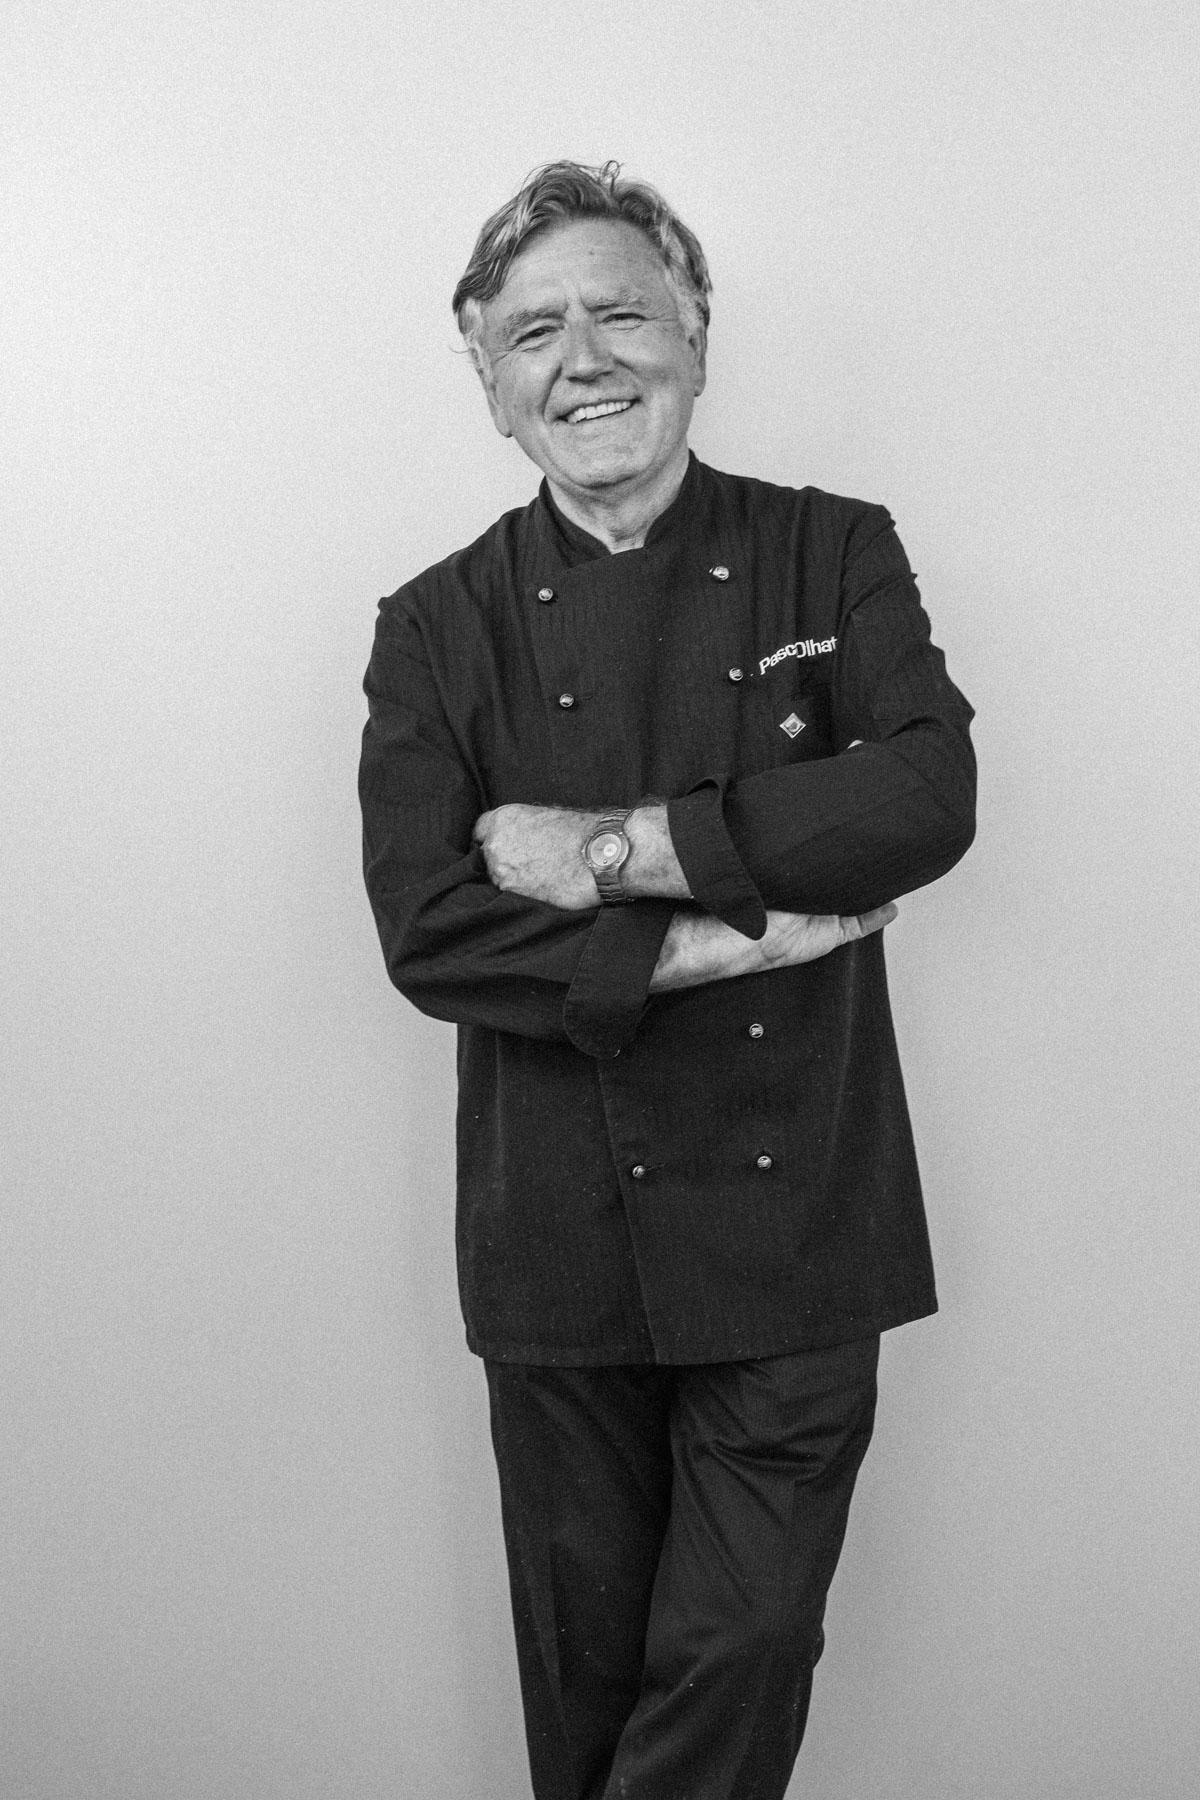 7. Chef Pascal Olhats / CafeJardin / Corona Del Mar, California